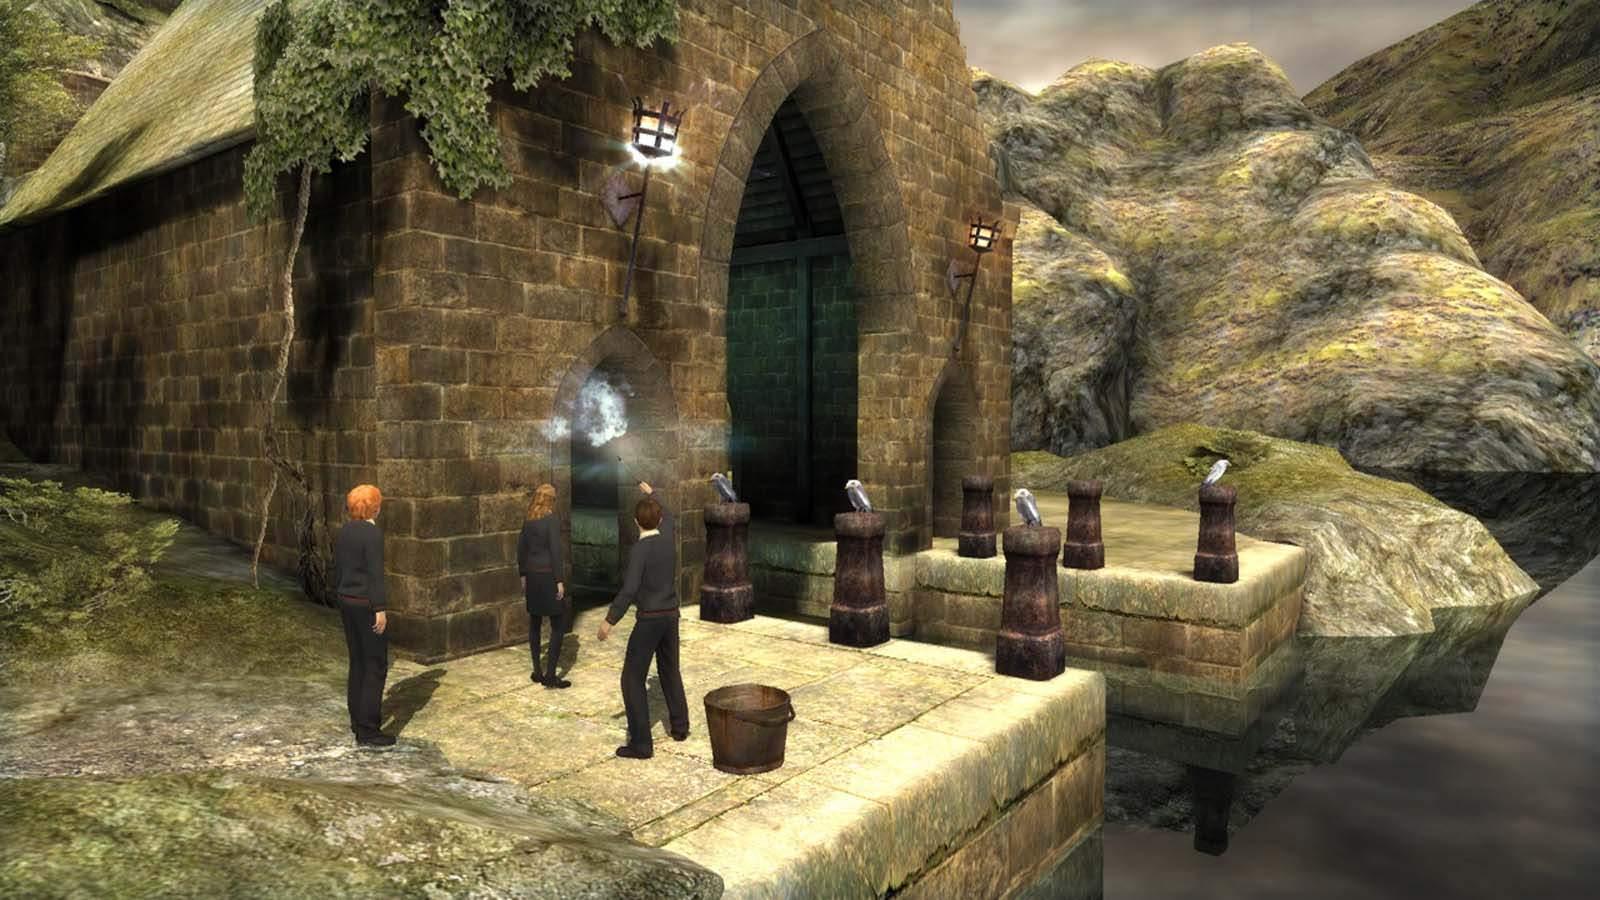 تحميل لعبة Harry Potter And The Order Of The Phoenix مضغوطة كاملة بروابط مباشرة مجانا